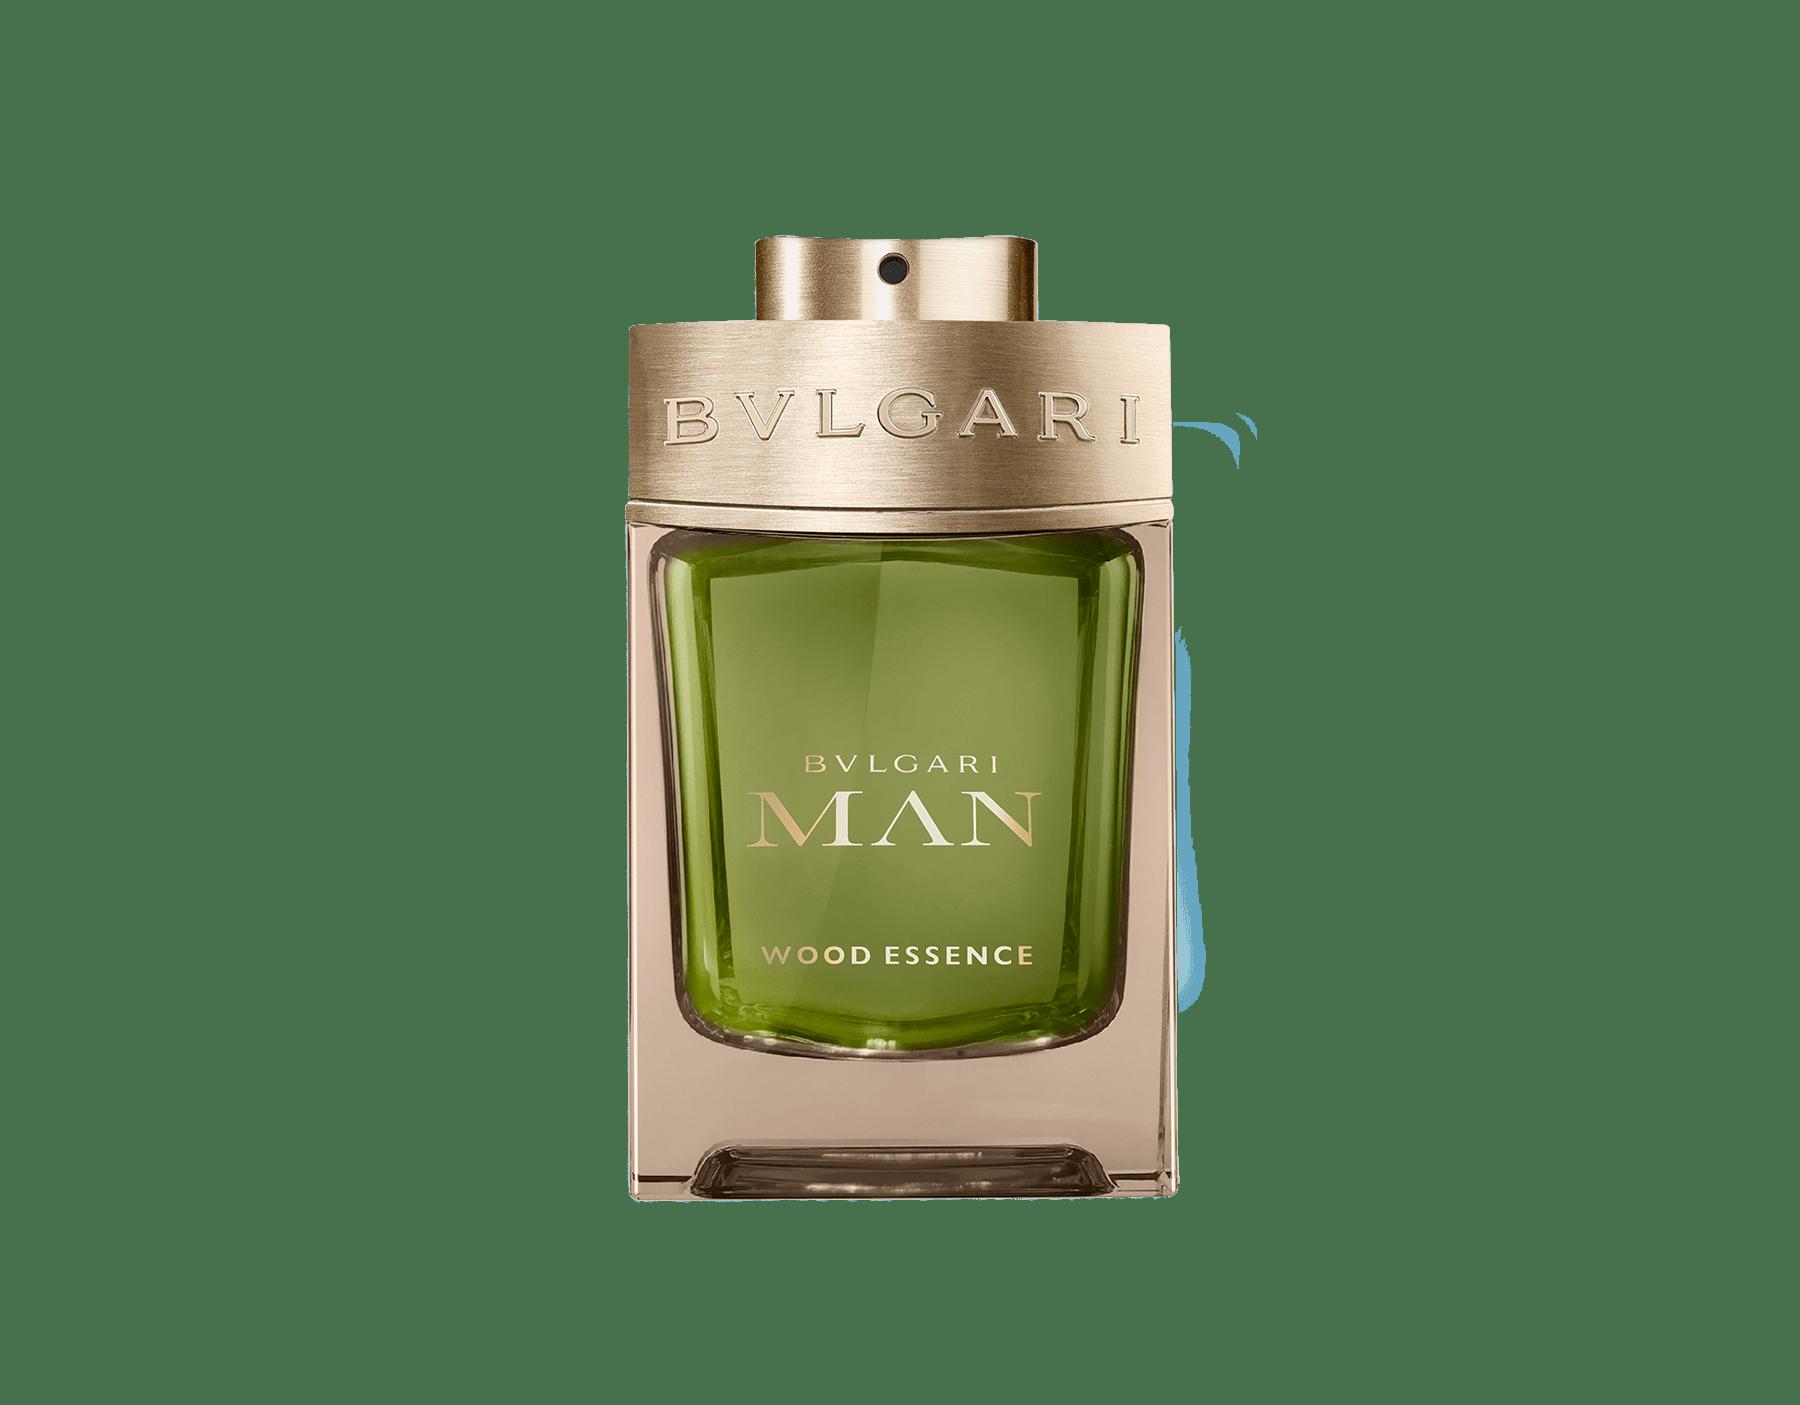 Une signature boisée nouvelle génération composée des essences les plus raffinées de la parfumerie – le cèdre, le cyprès et le vétiver – faisant écho aux notes chaudes et ensoleillées des résines de benjoin 46100 image 1